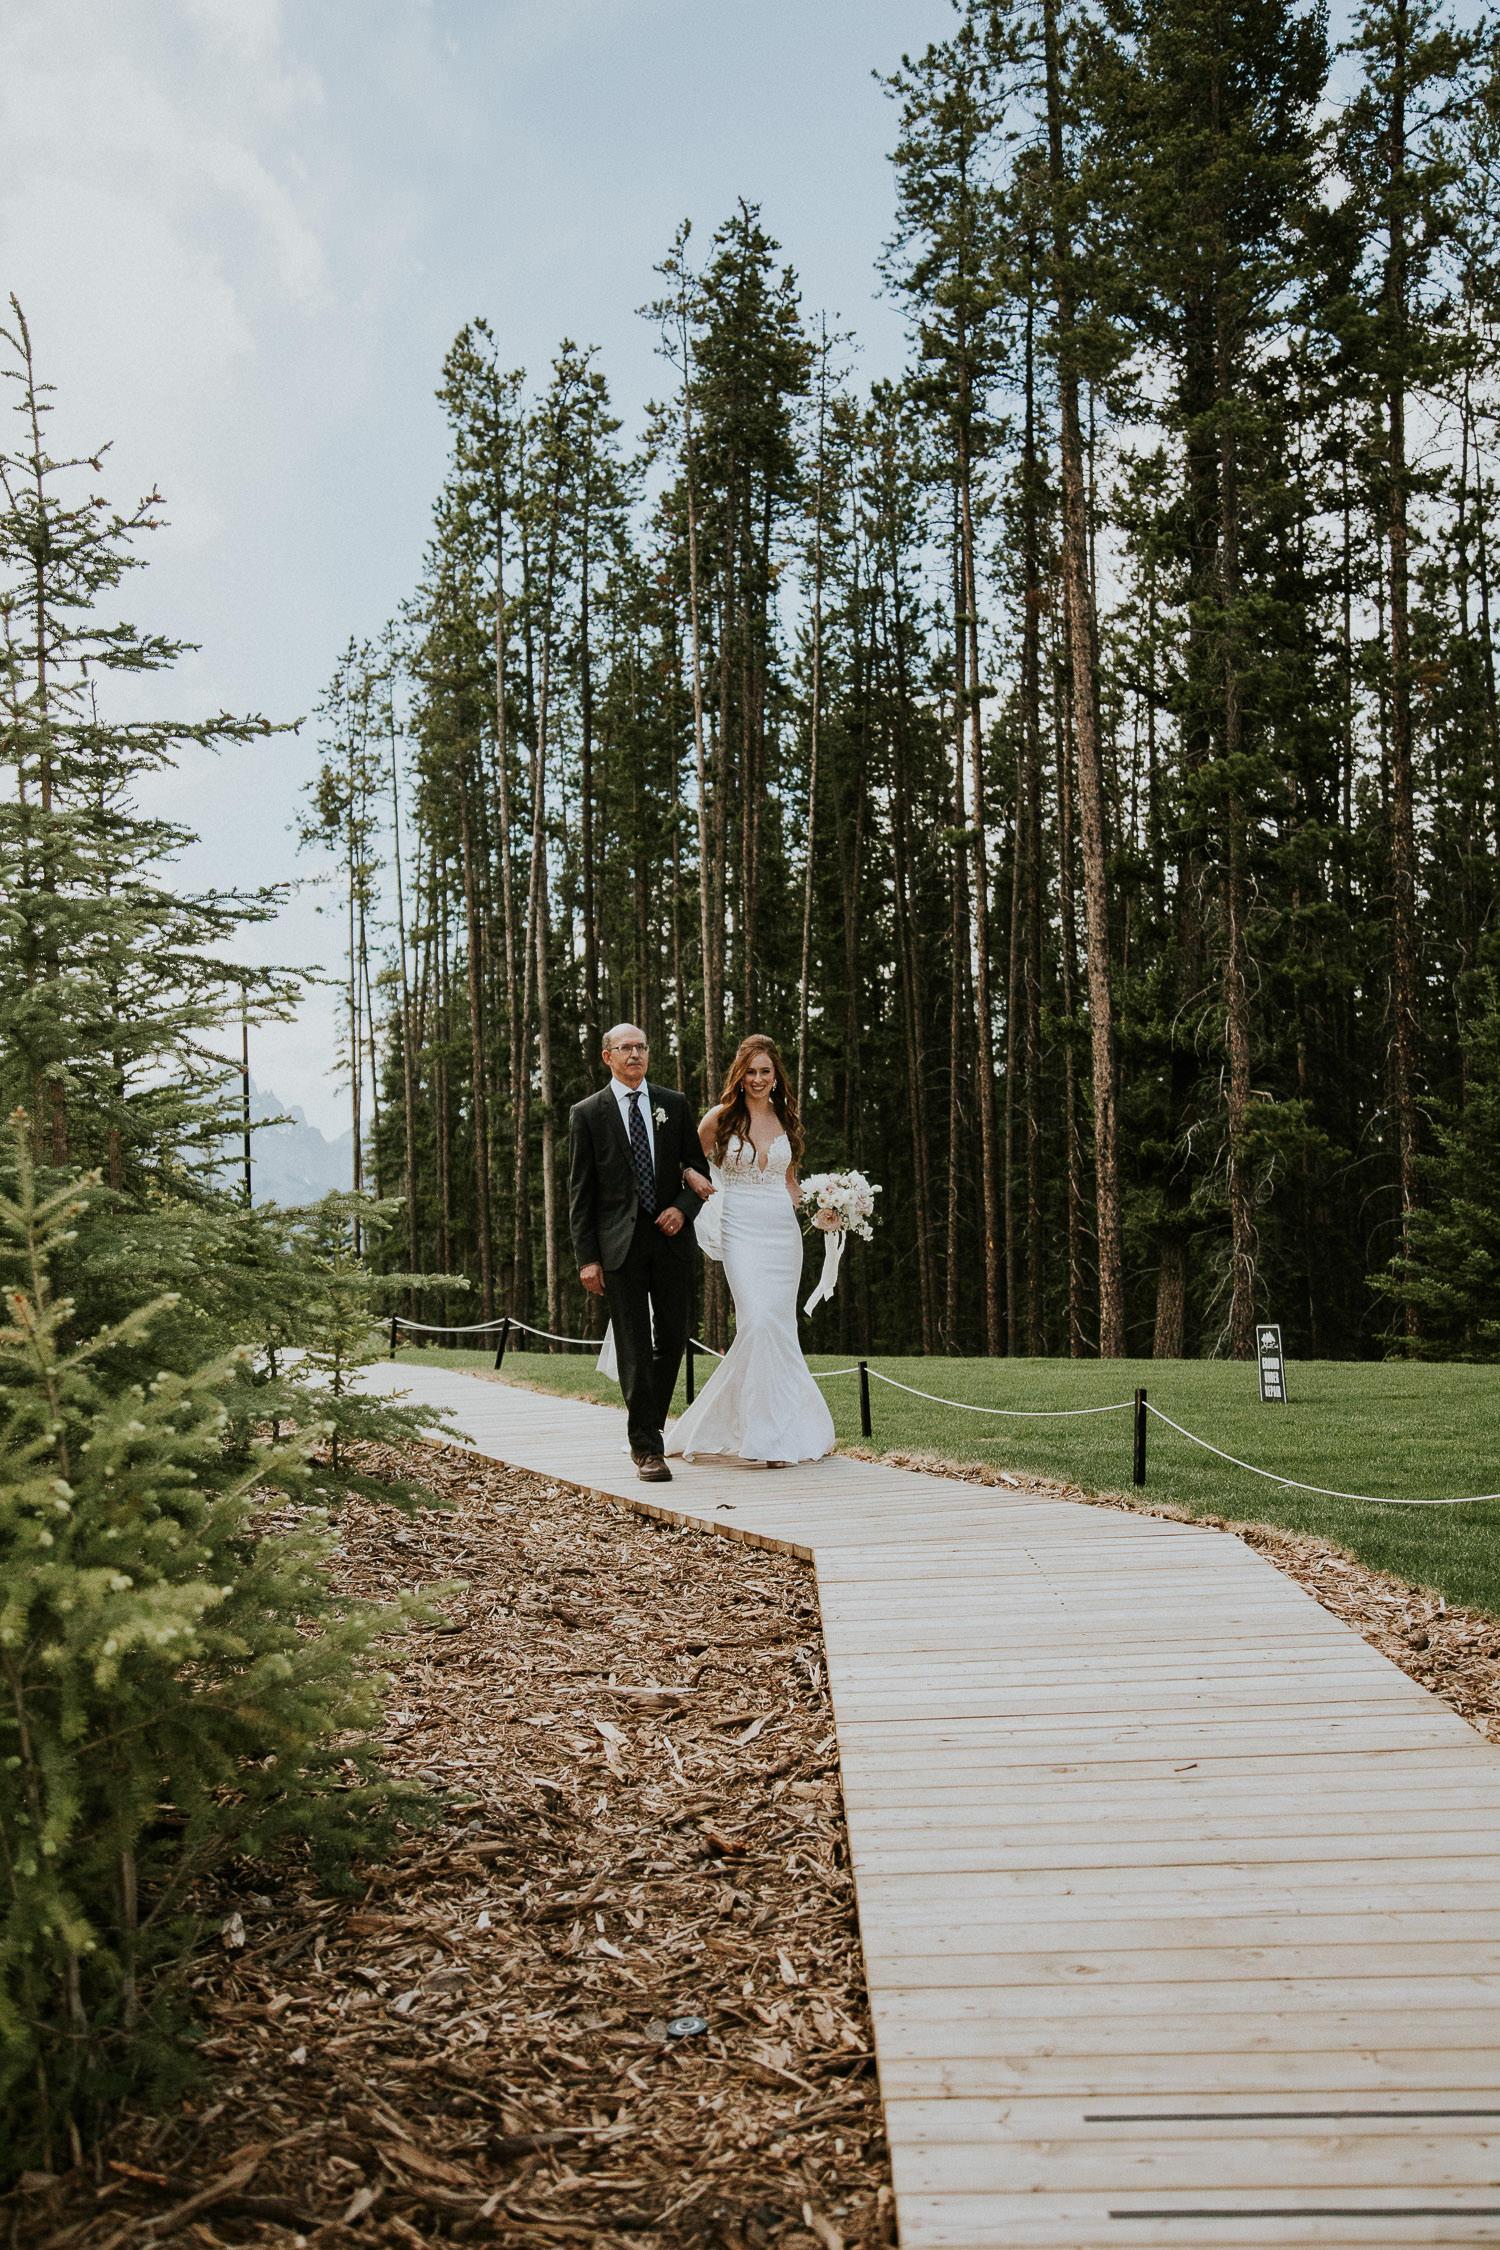 stewart-creek-wedding-sarah-pukin-206